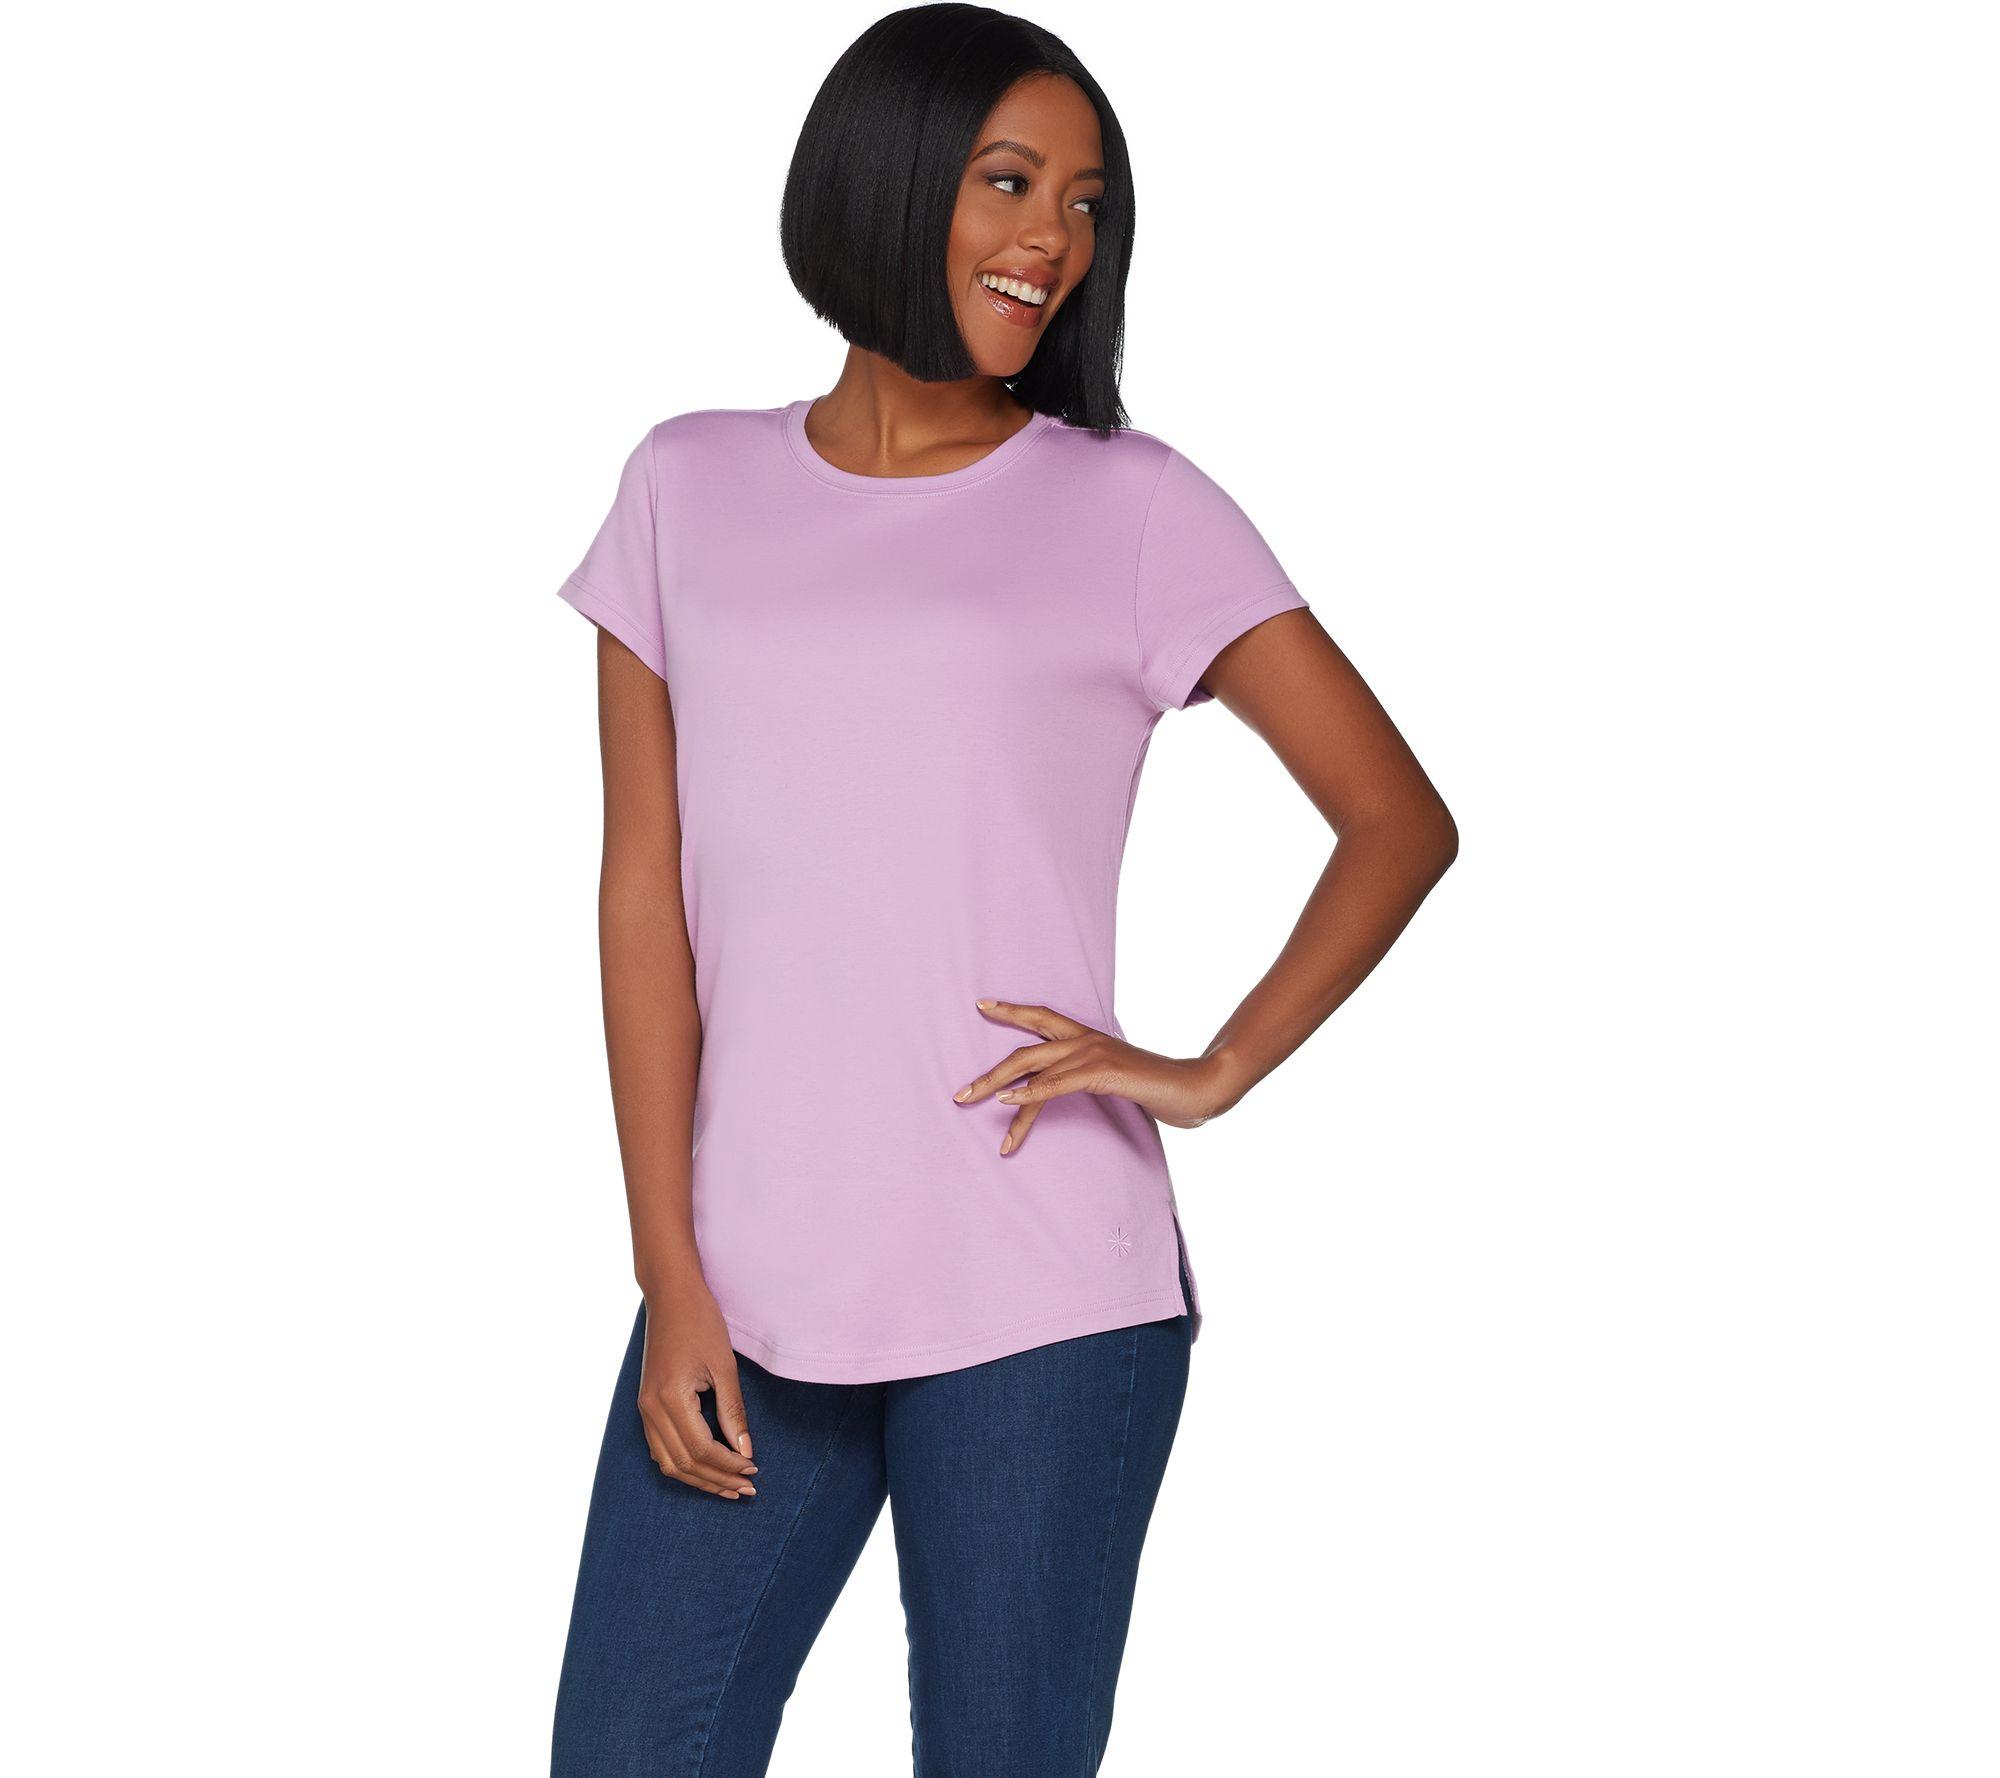 34b12f0489 Isaac Mizrahi Live! Essentials Pima Cotton Curved Hem T-Shirt - Page ...